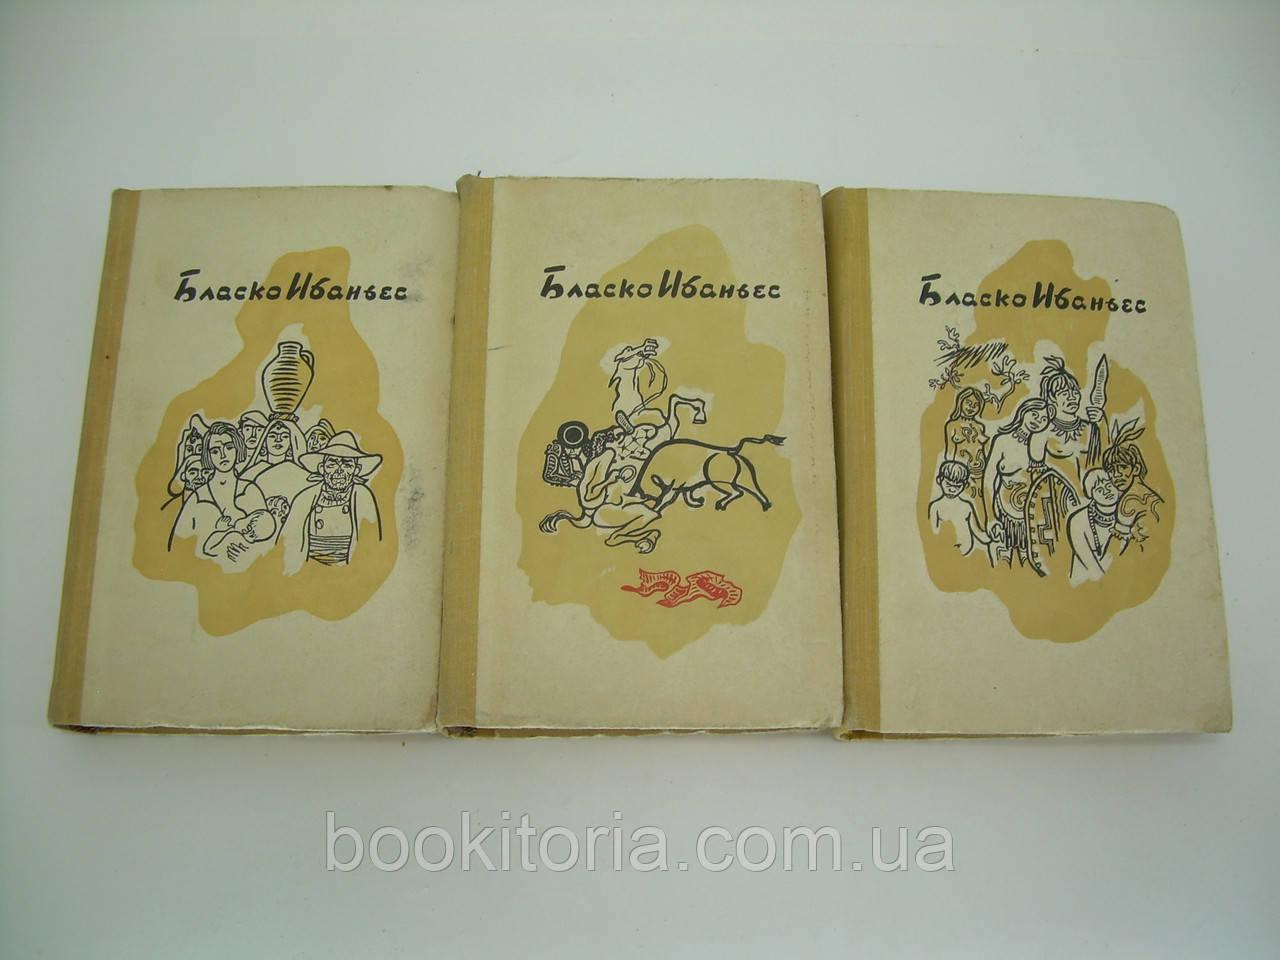 Бласко Ибаньес В. Избранные произведения: в 3-х томах (б/у).